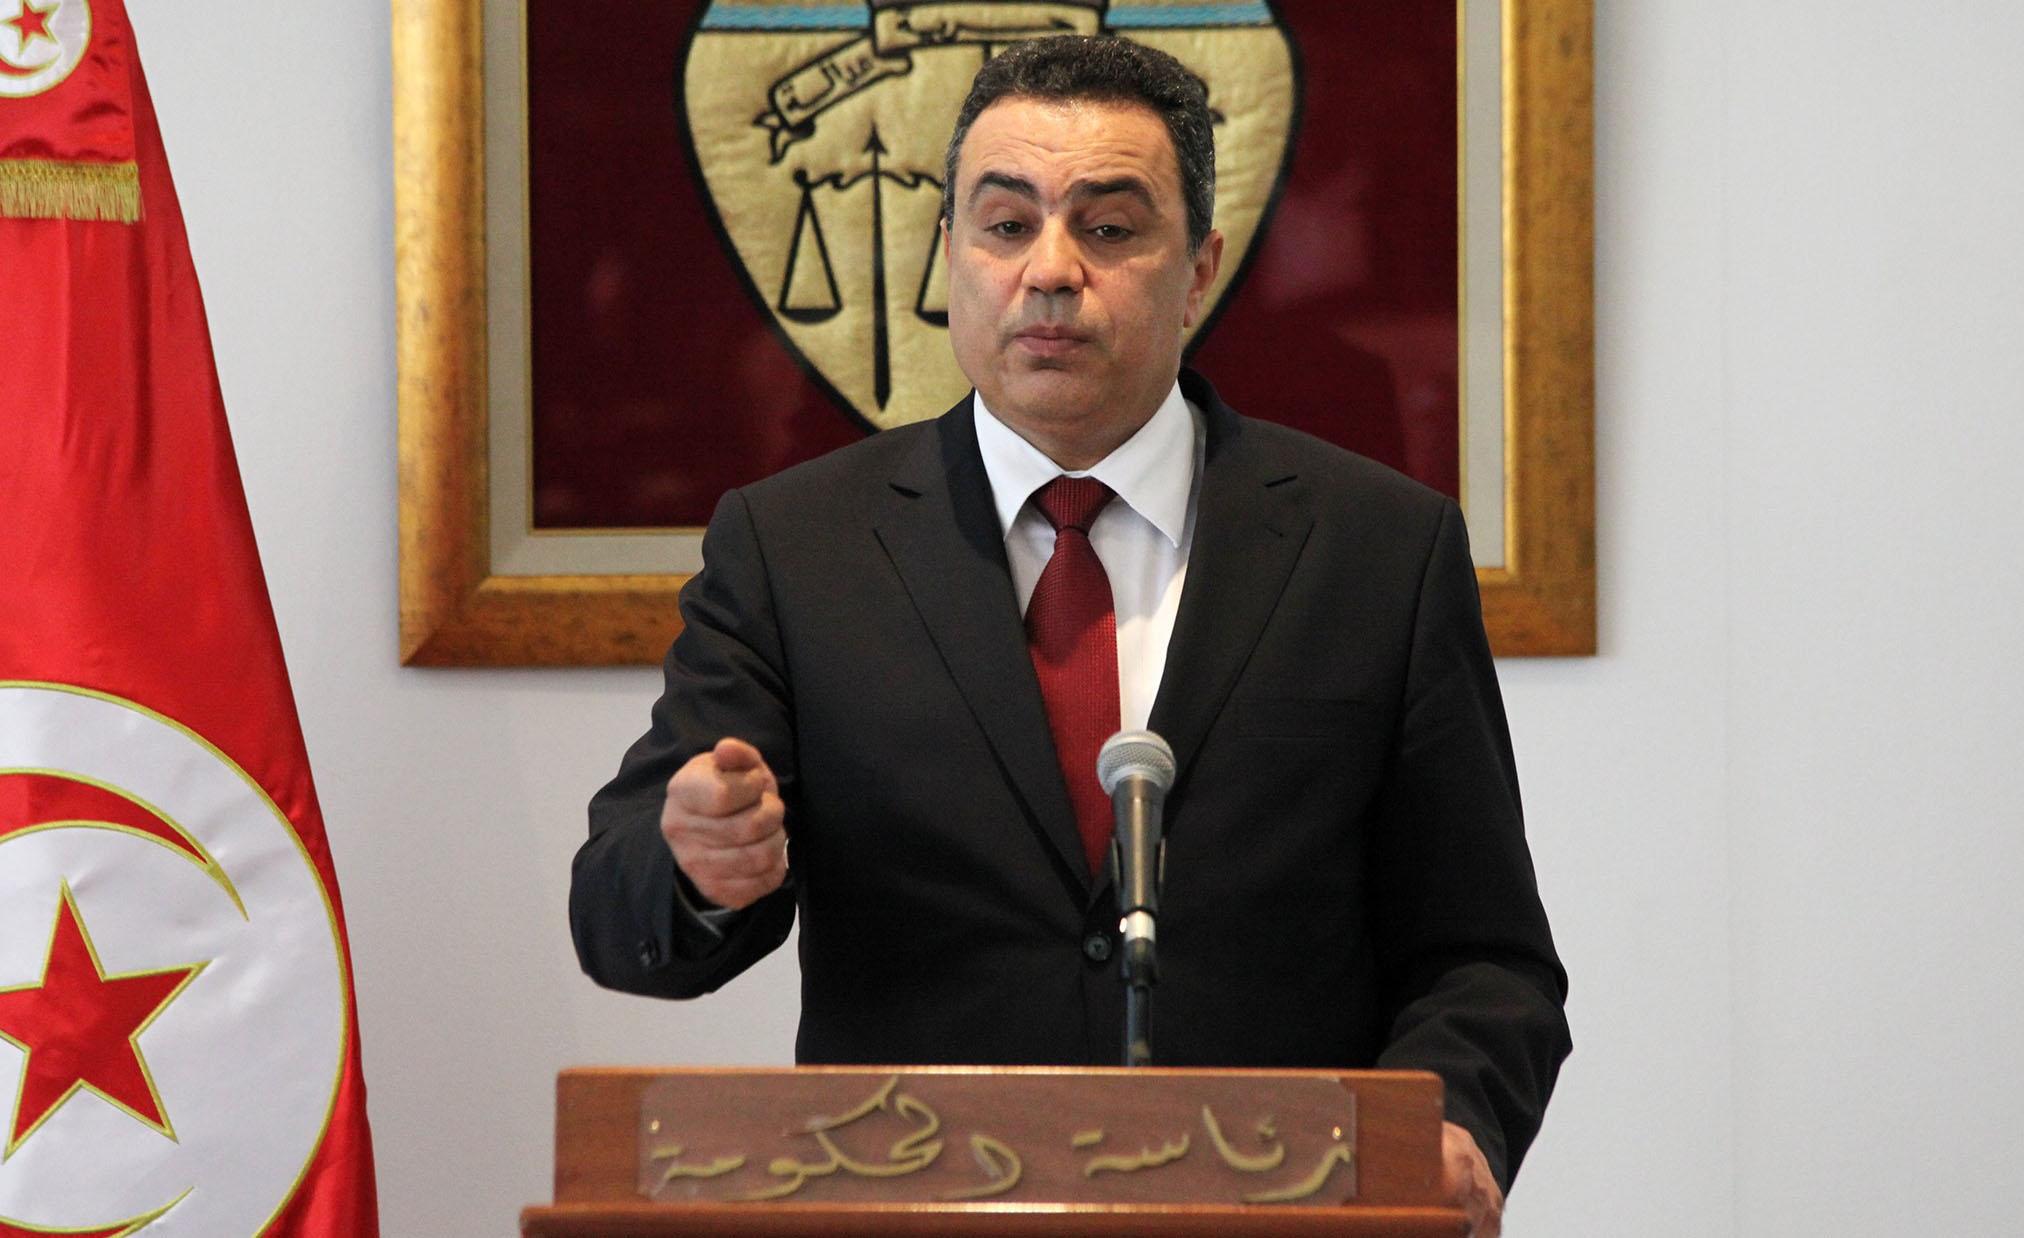 مهدي جمعة: تمكنا من توجيه ضربات نوعية للإرهابيين